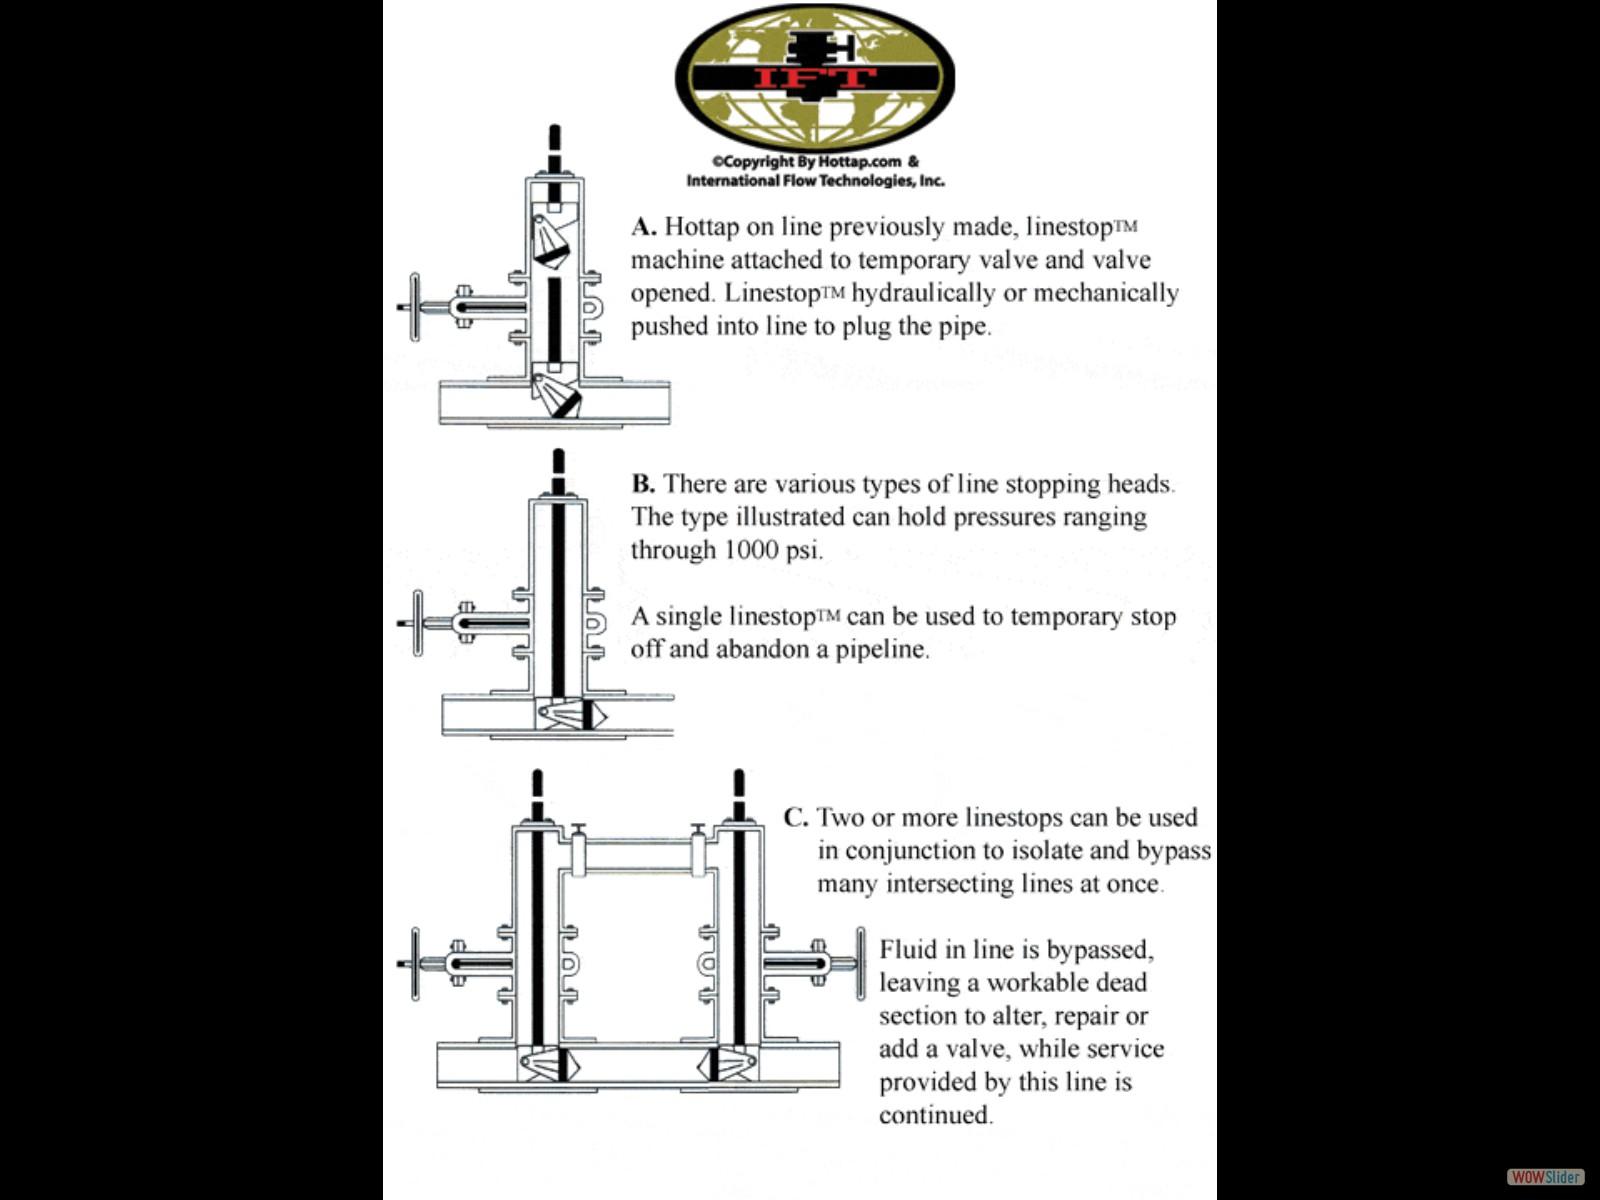 Underground Systems - IFT